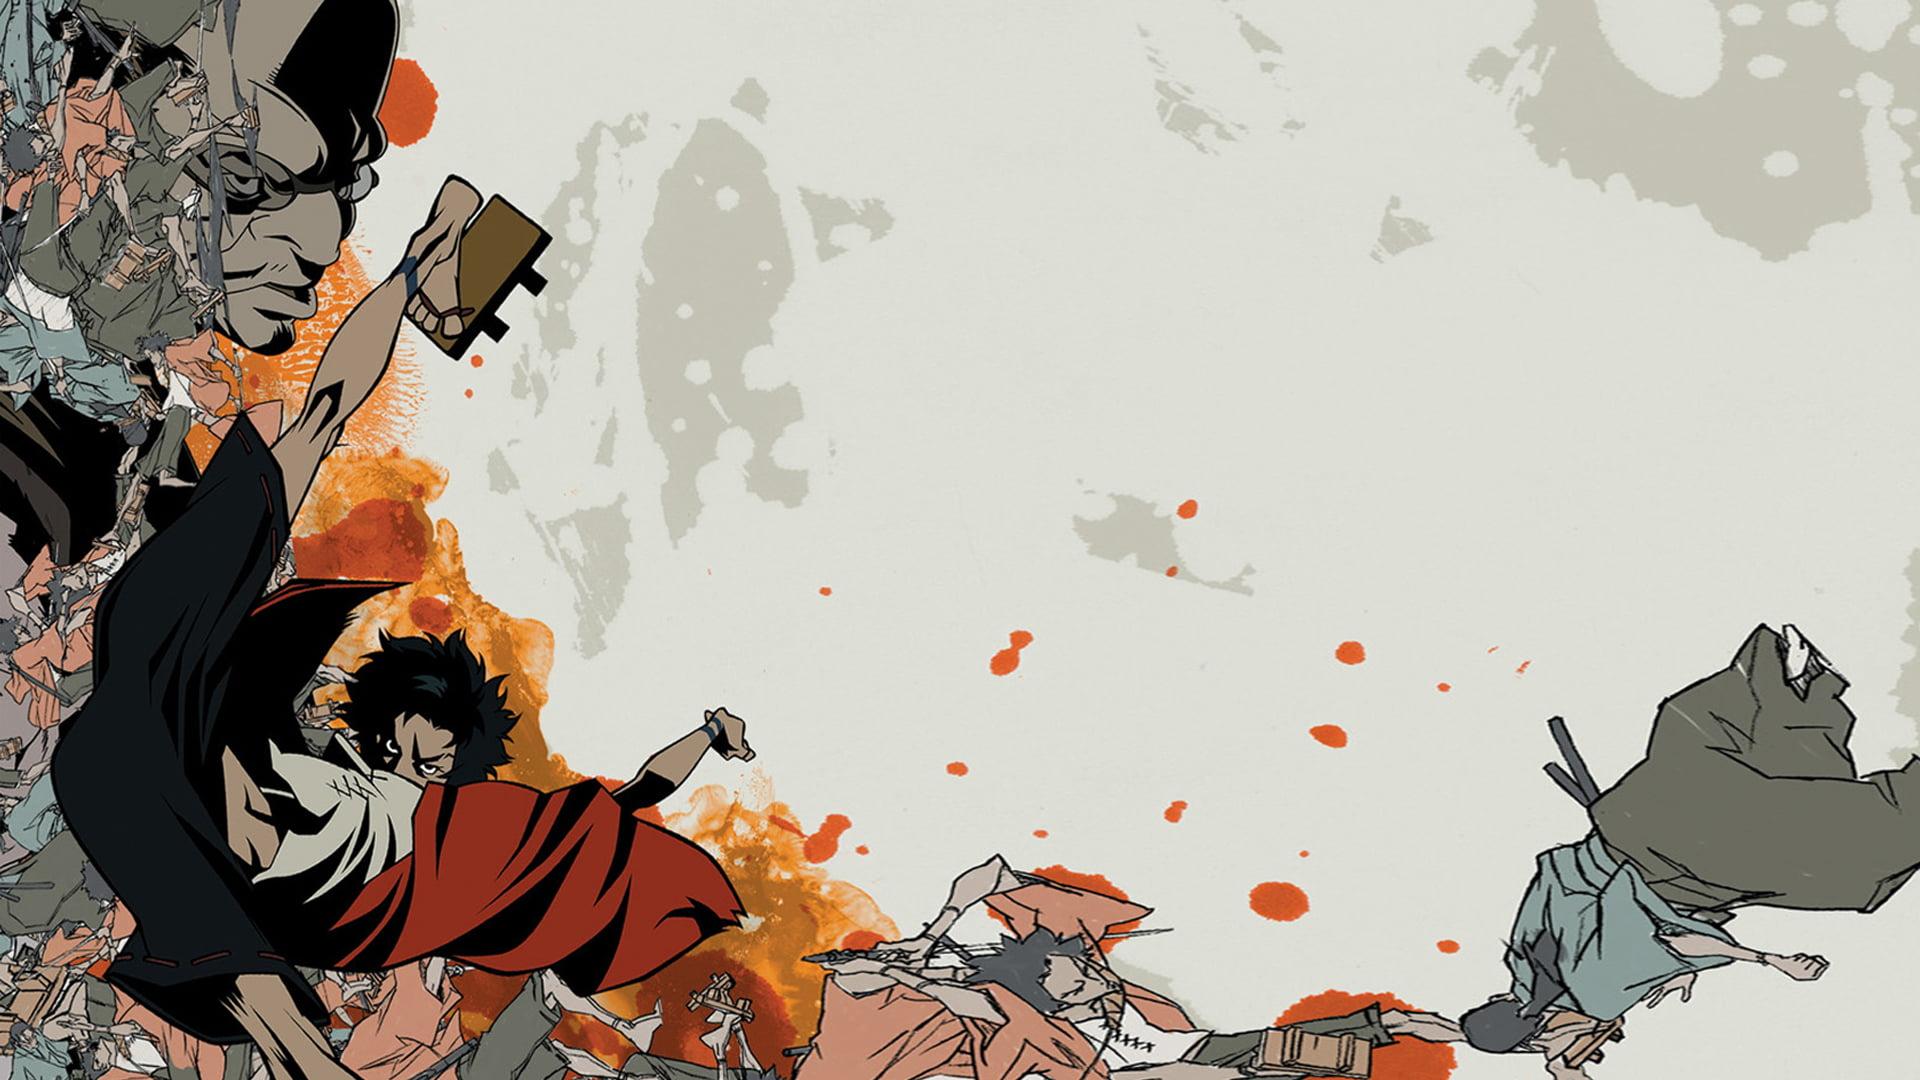 Samurai Champloo illustration Samurai Champloo anime 1920x1080